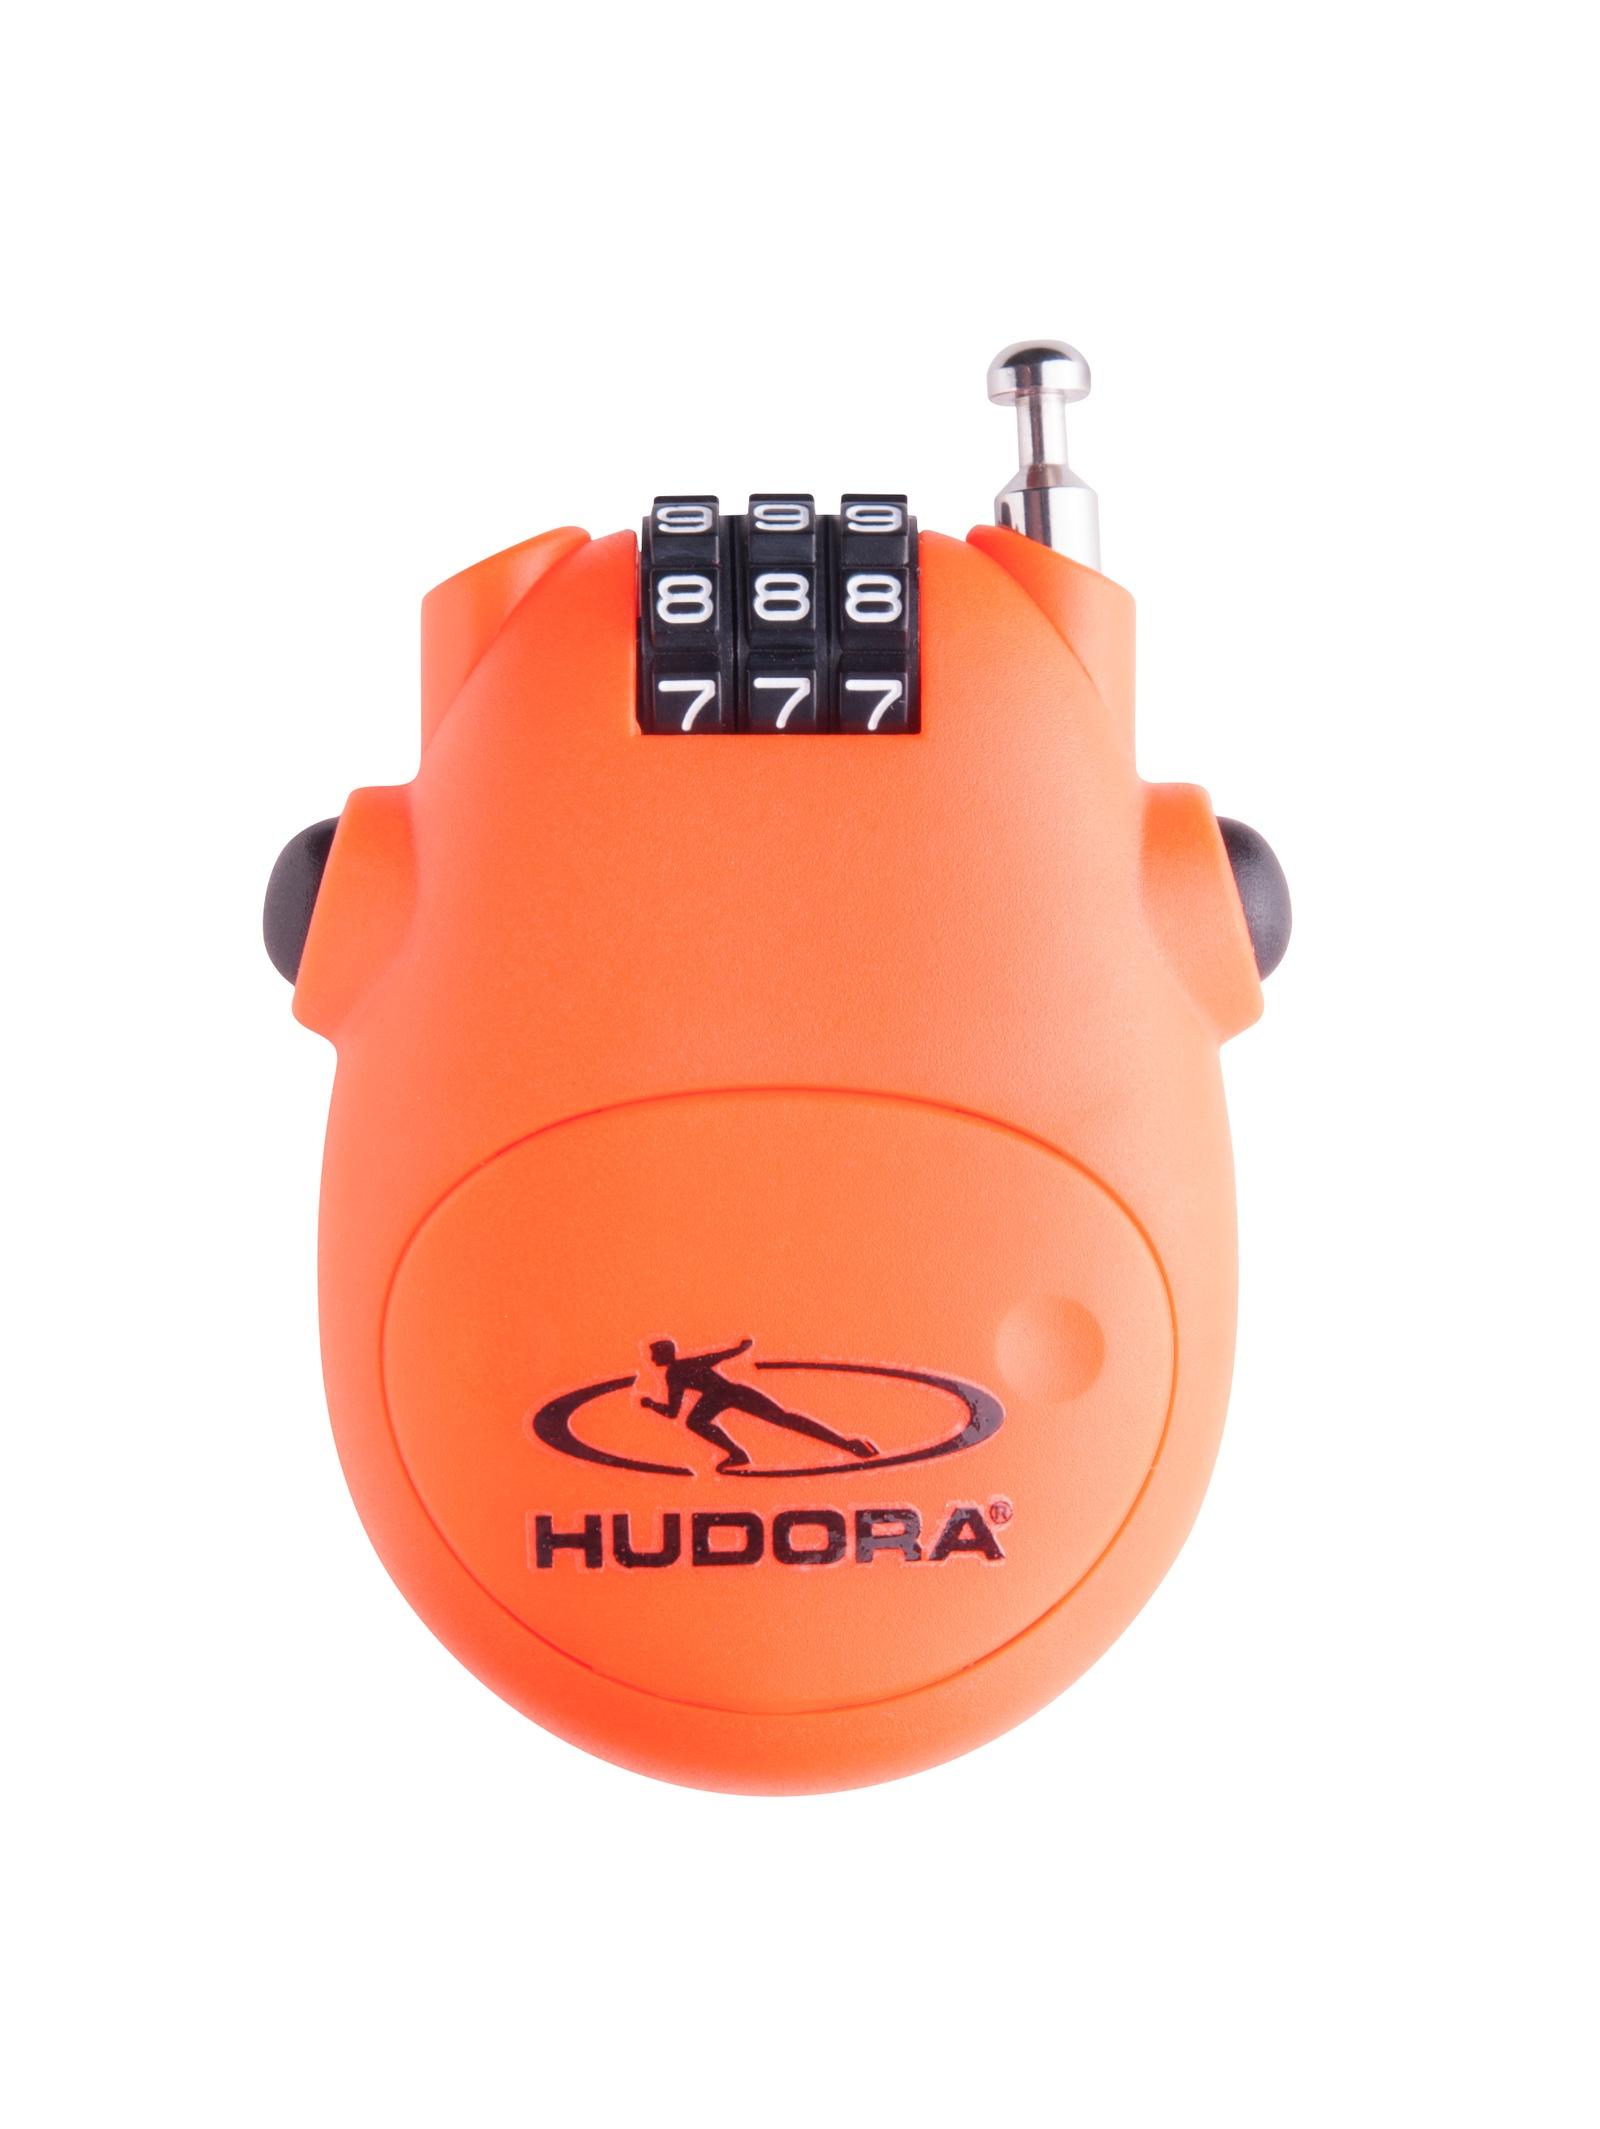 Велозамок кодовый Hudora на тросу, 14492